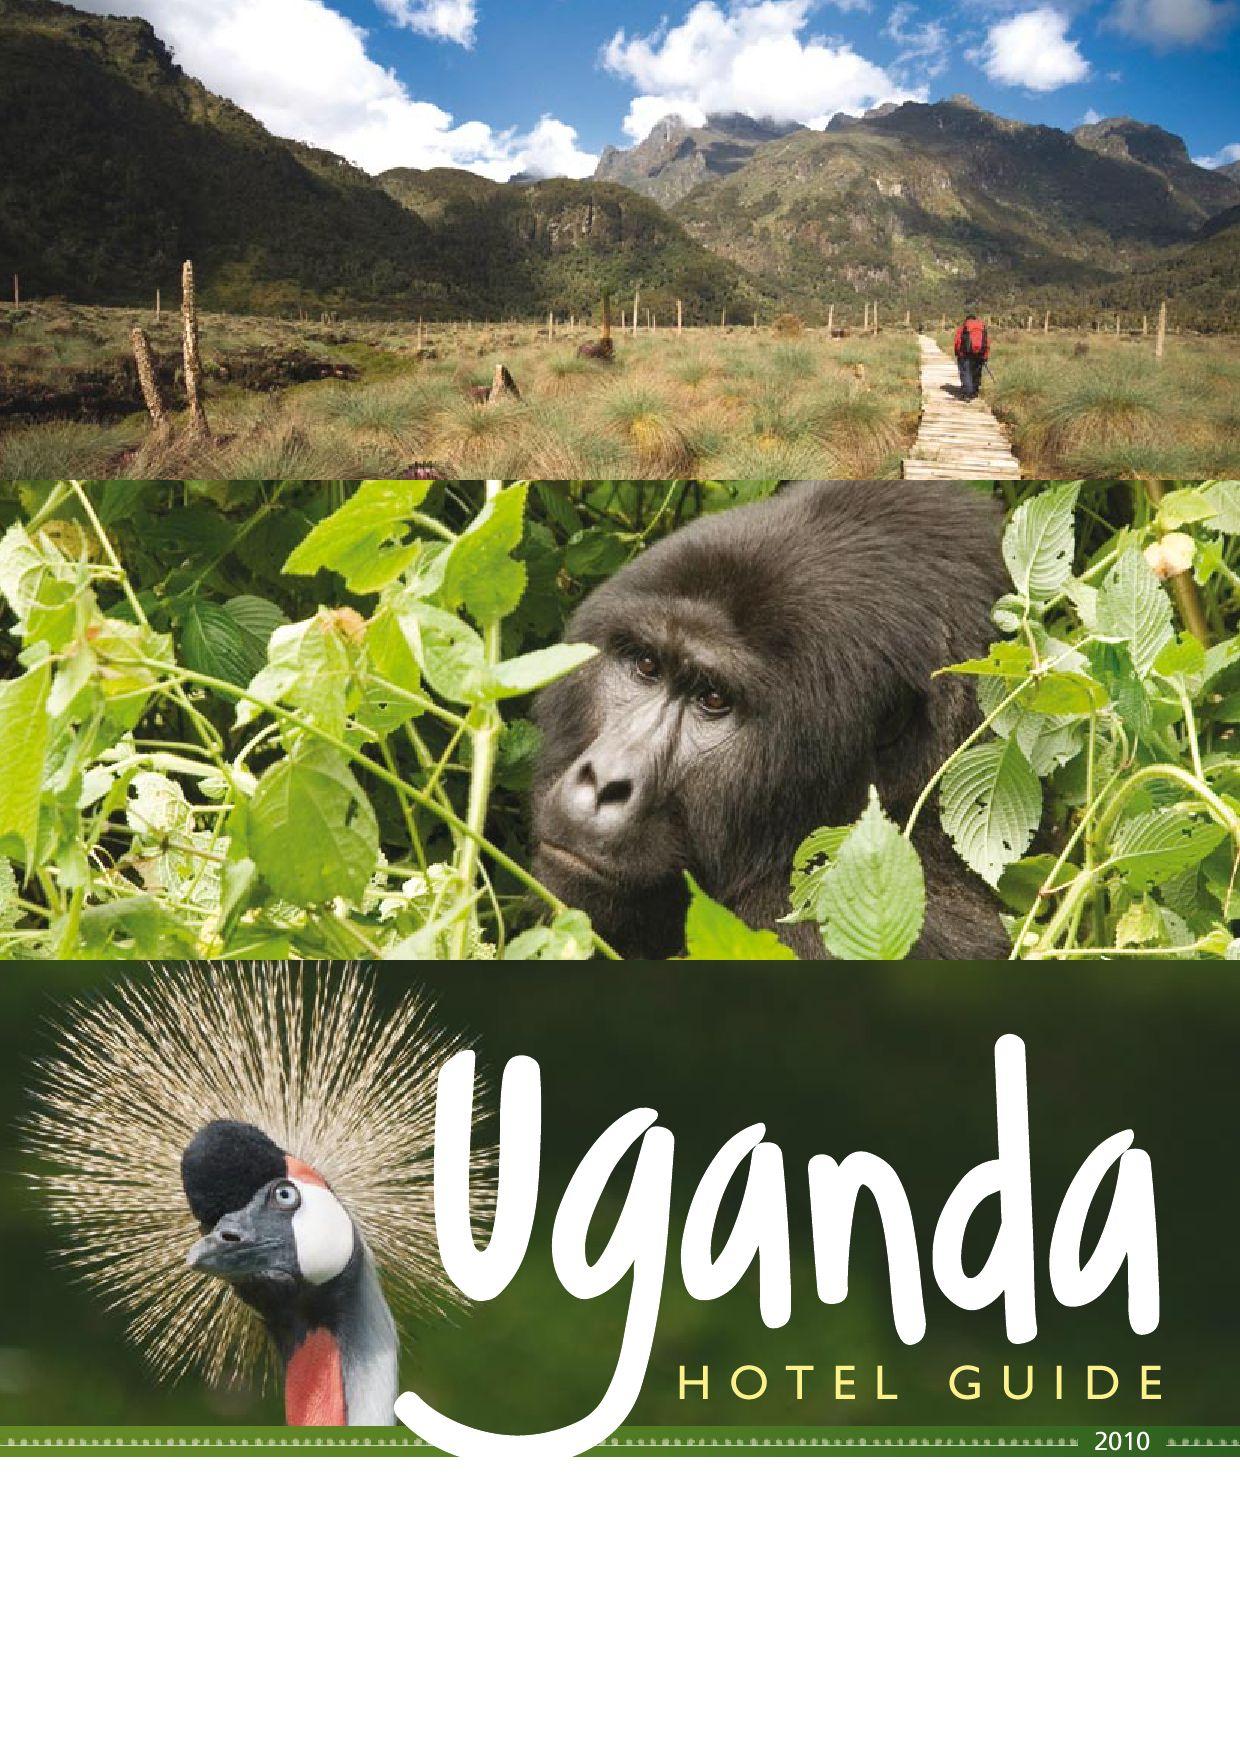 Uganda Hotel Guide 2010 by Land & Marine Publications Ltd. - issuu